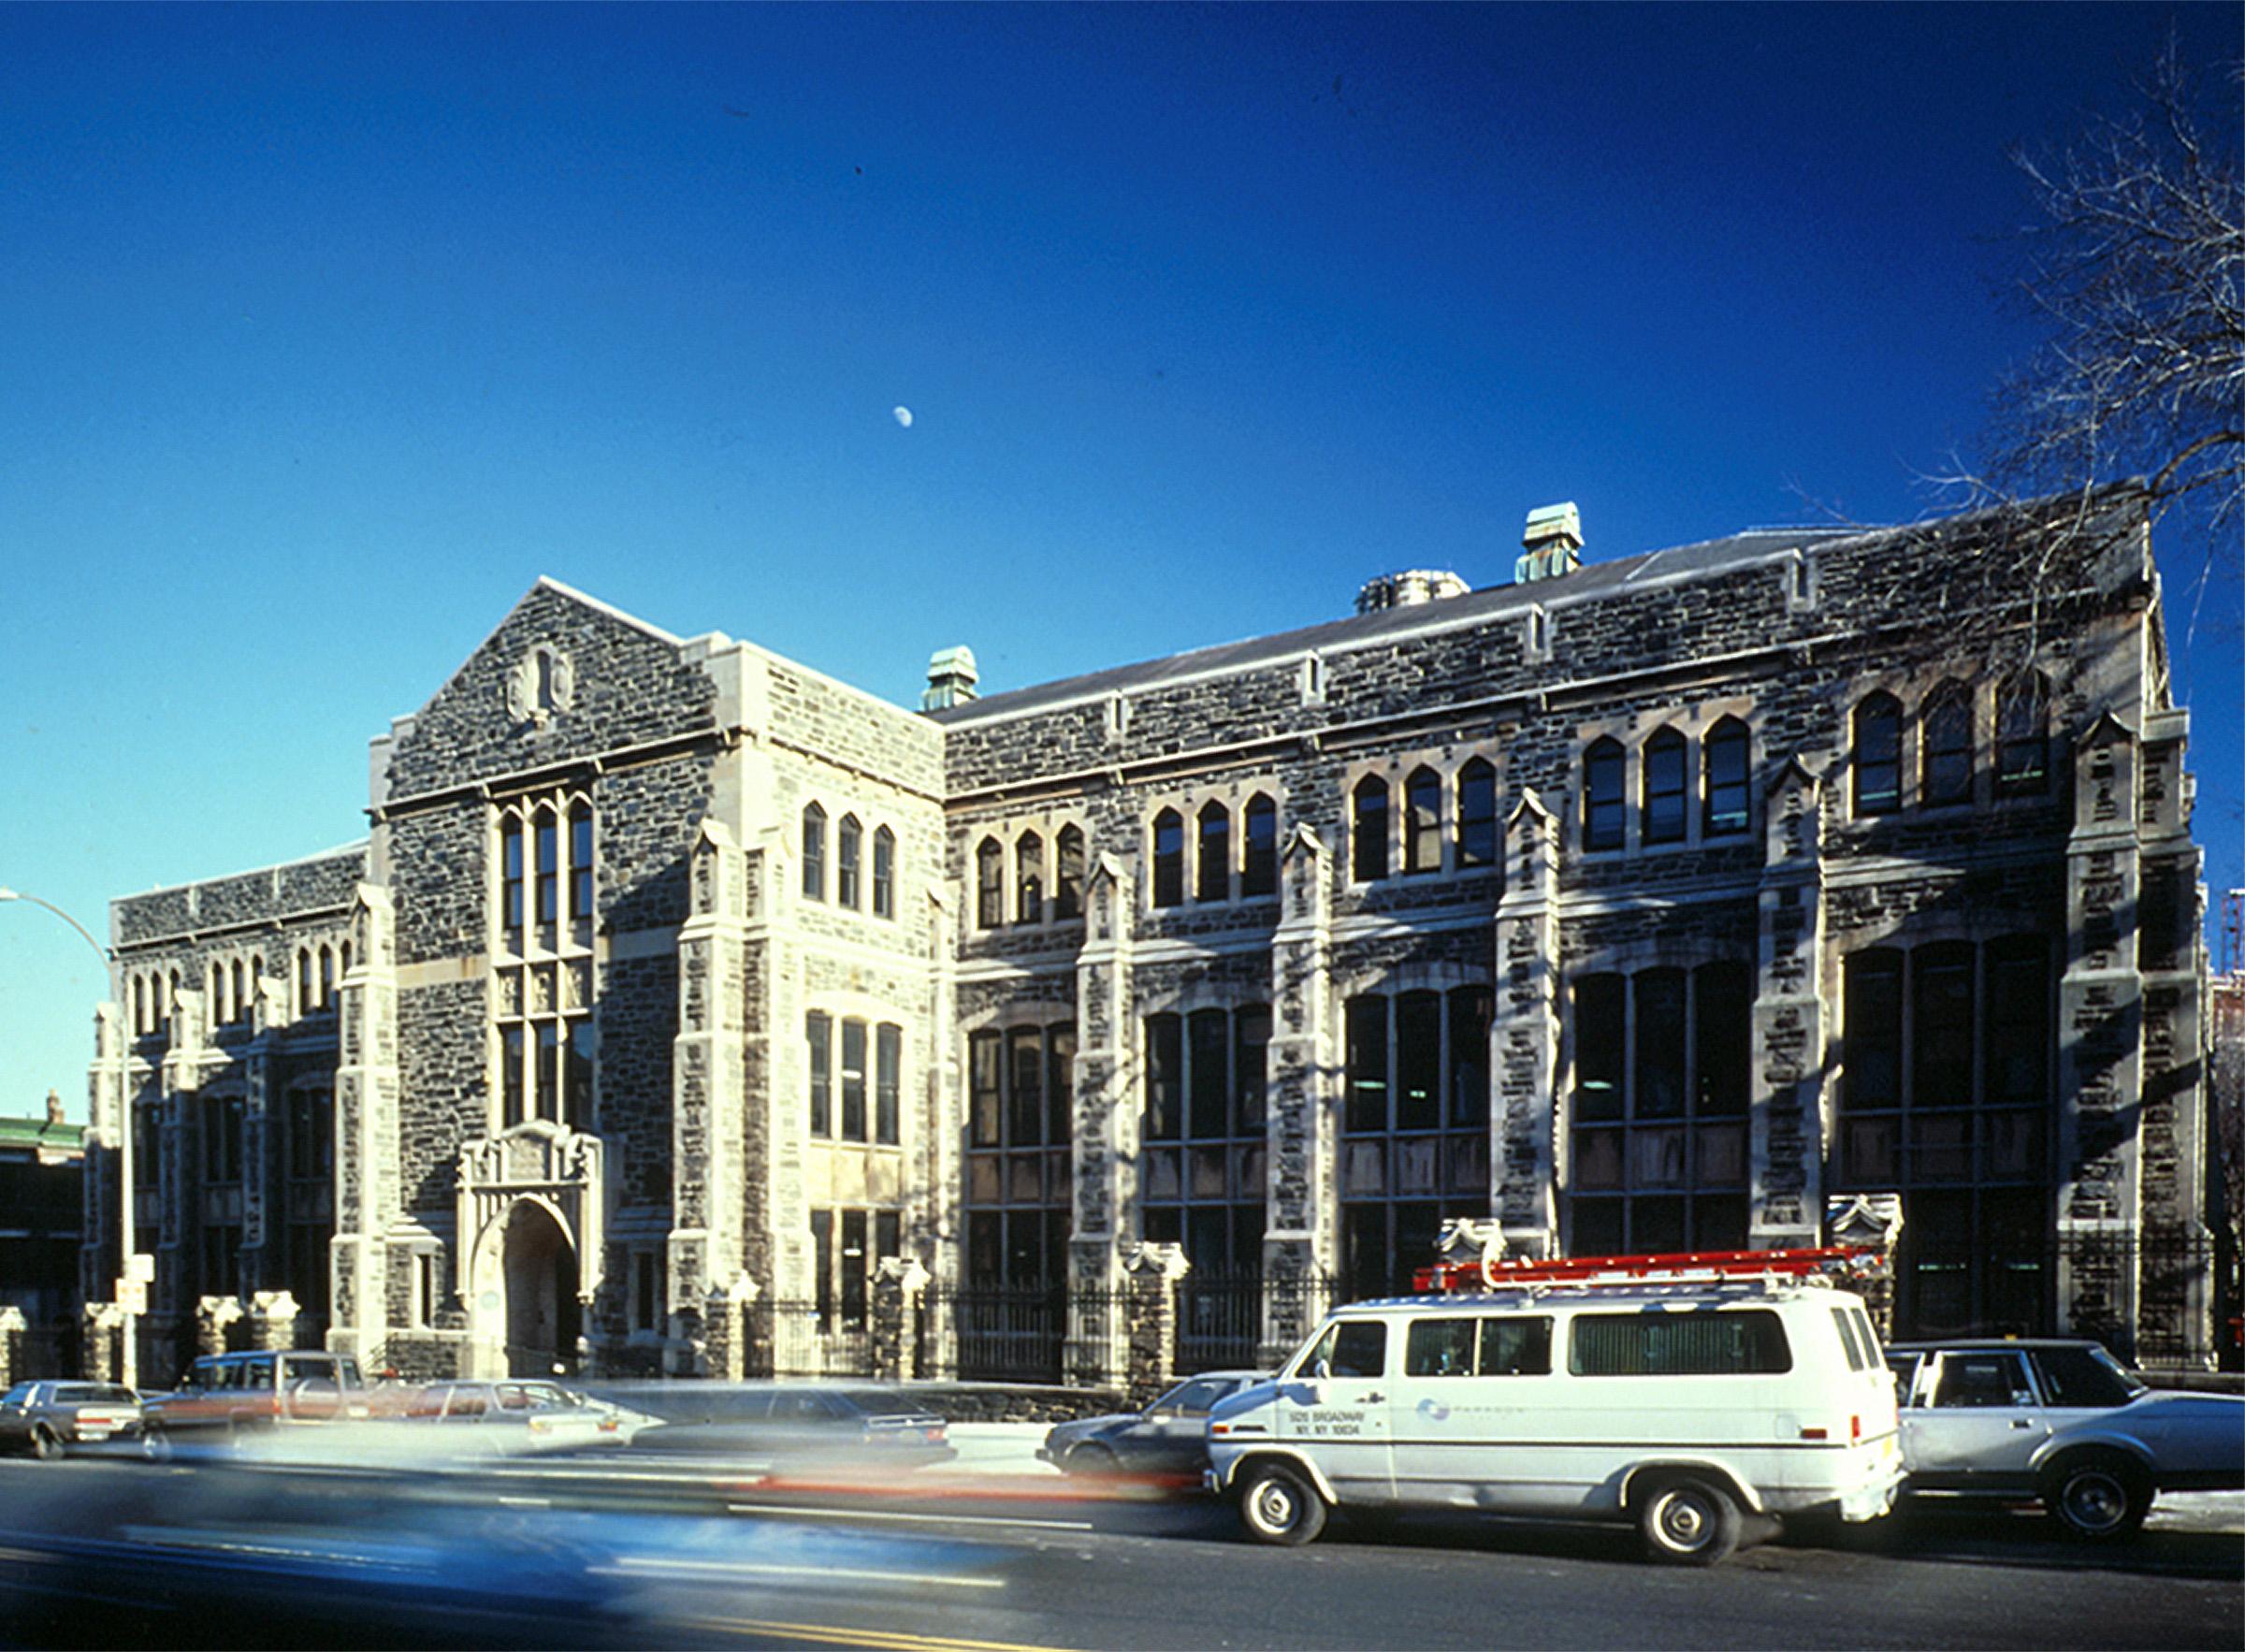 Compton & Goethals Hall